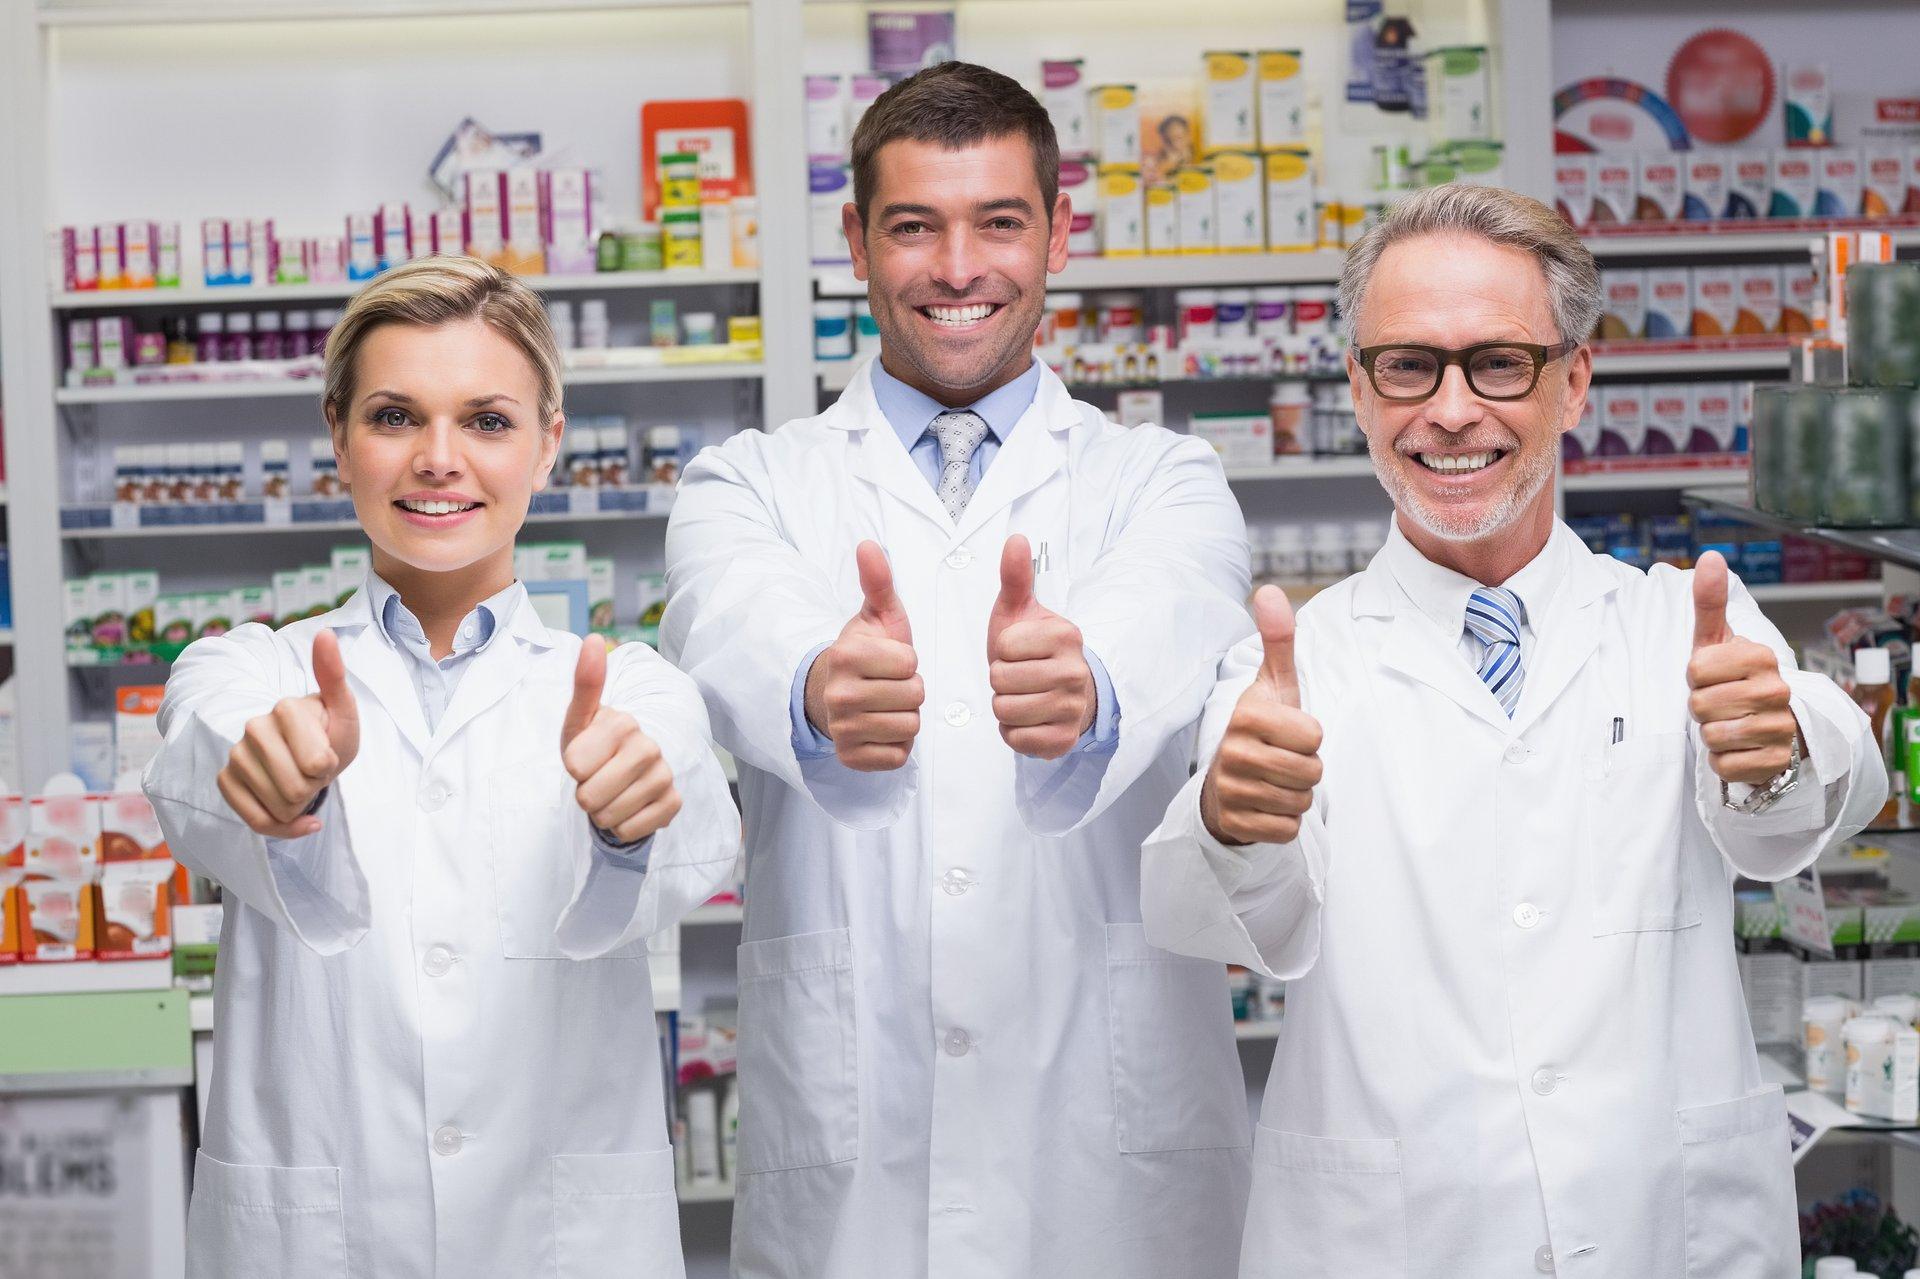 Udało się! URPL wprowadzi wersję online Farmakopei